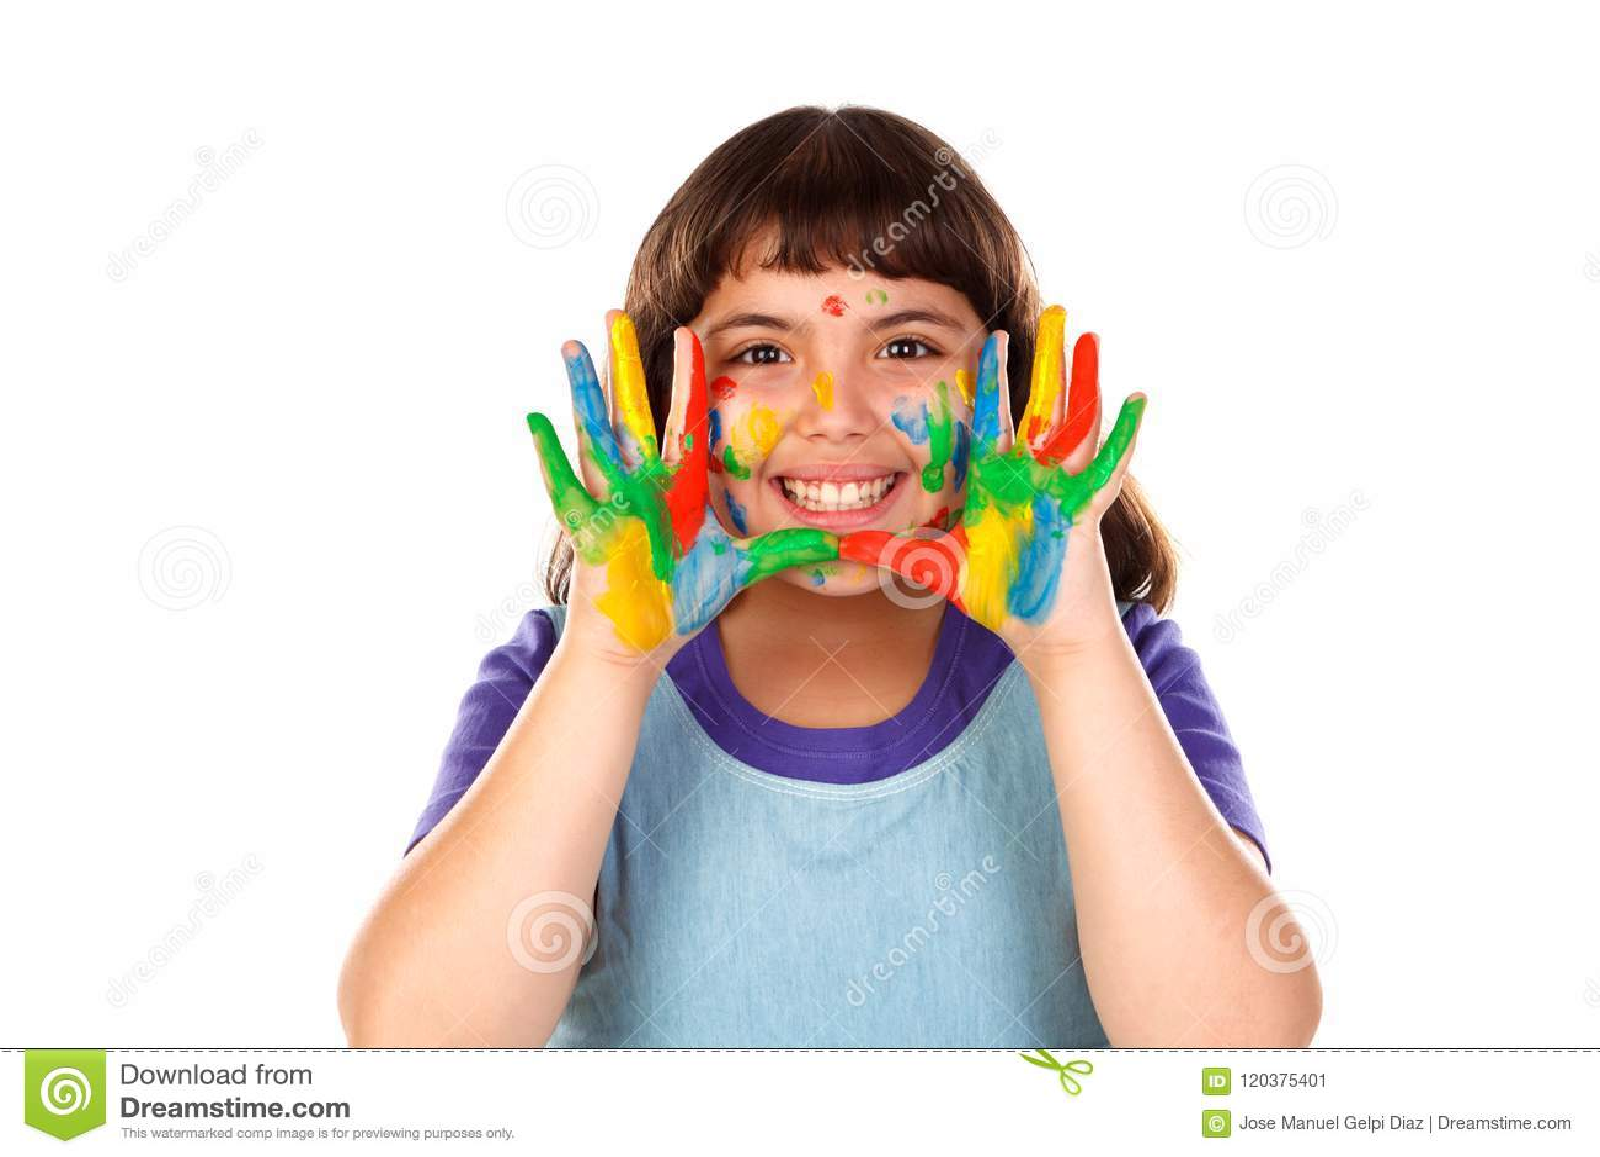 Grappig meisje met haar handen vuil van verf